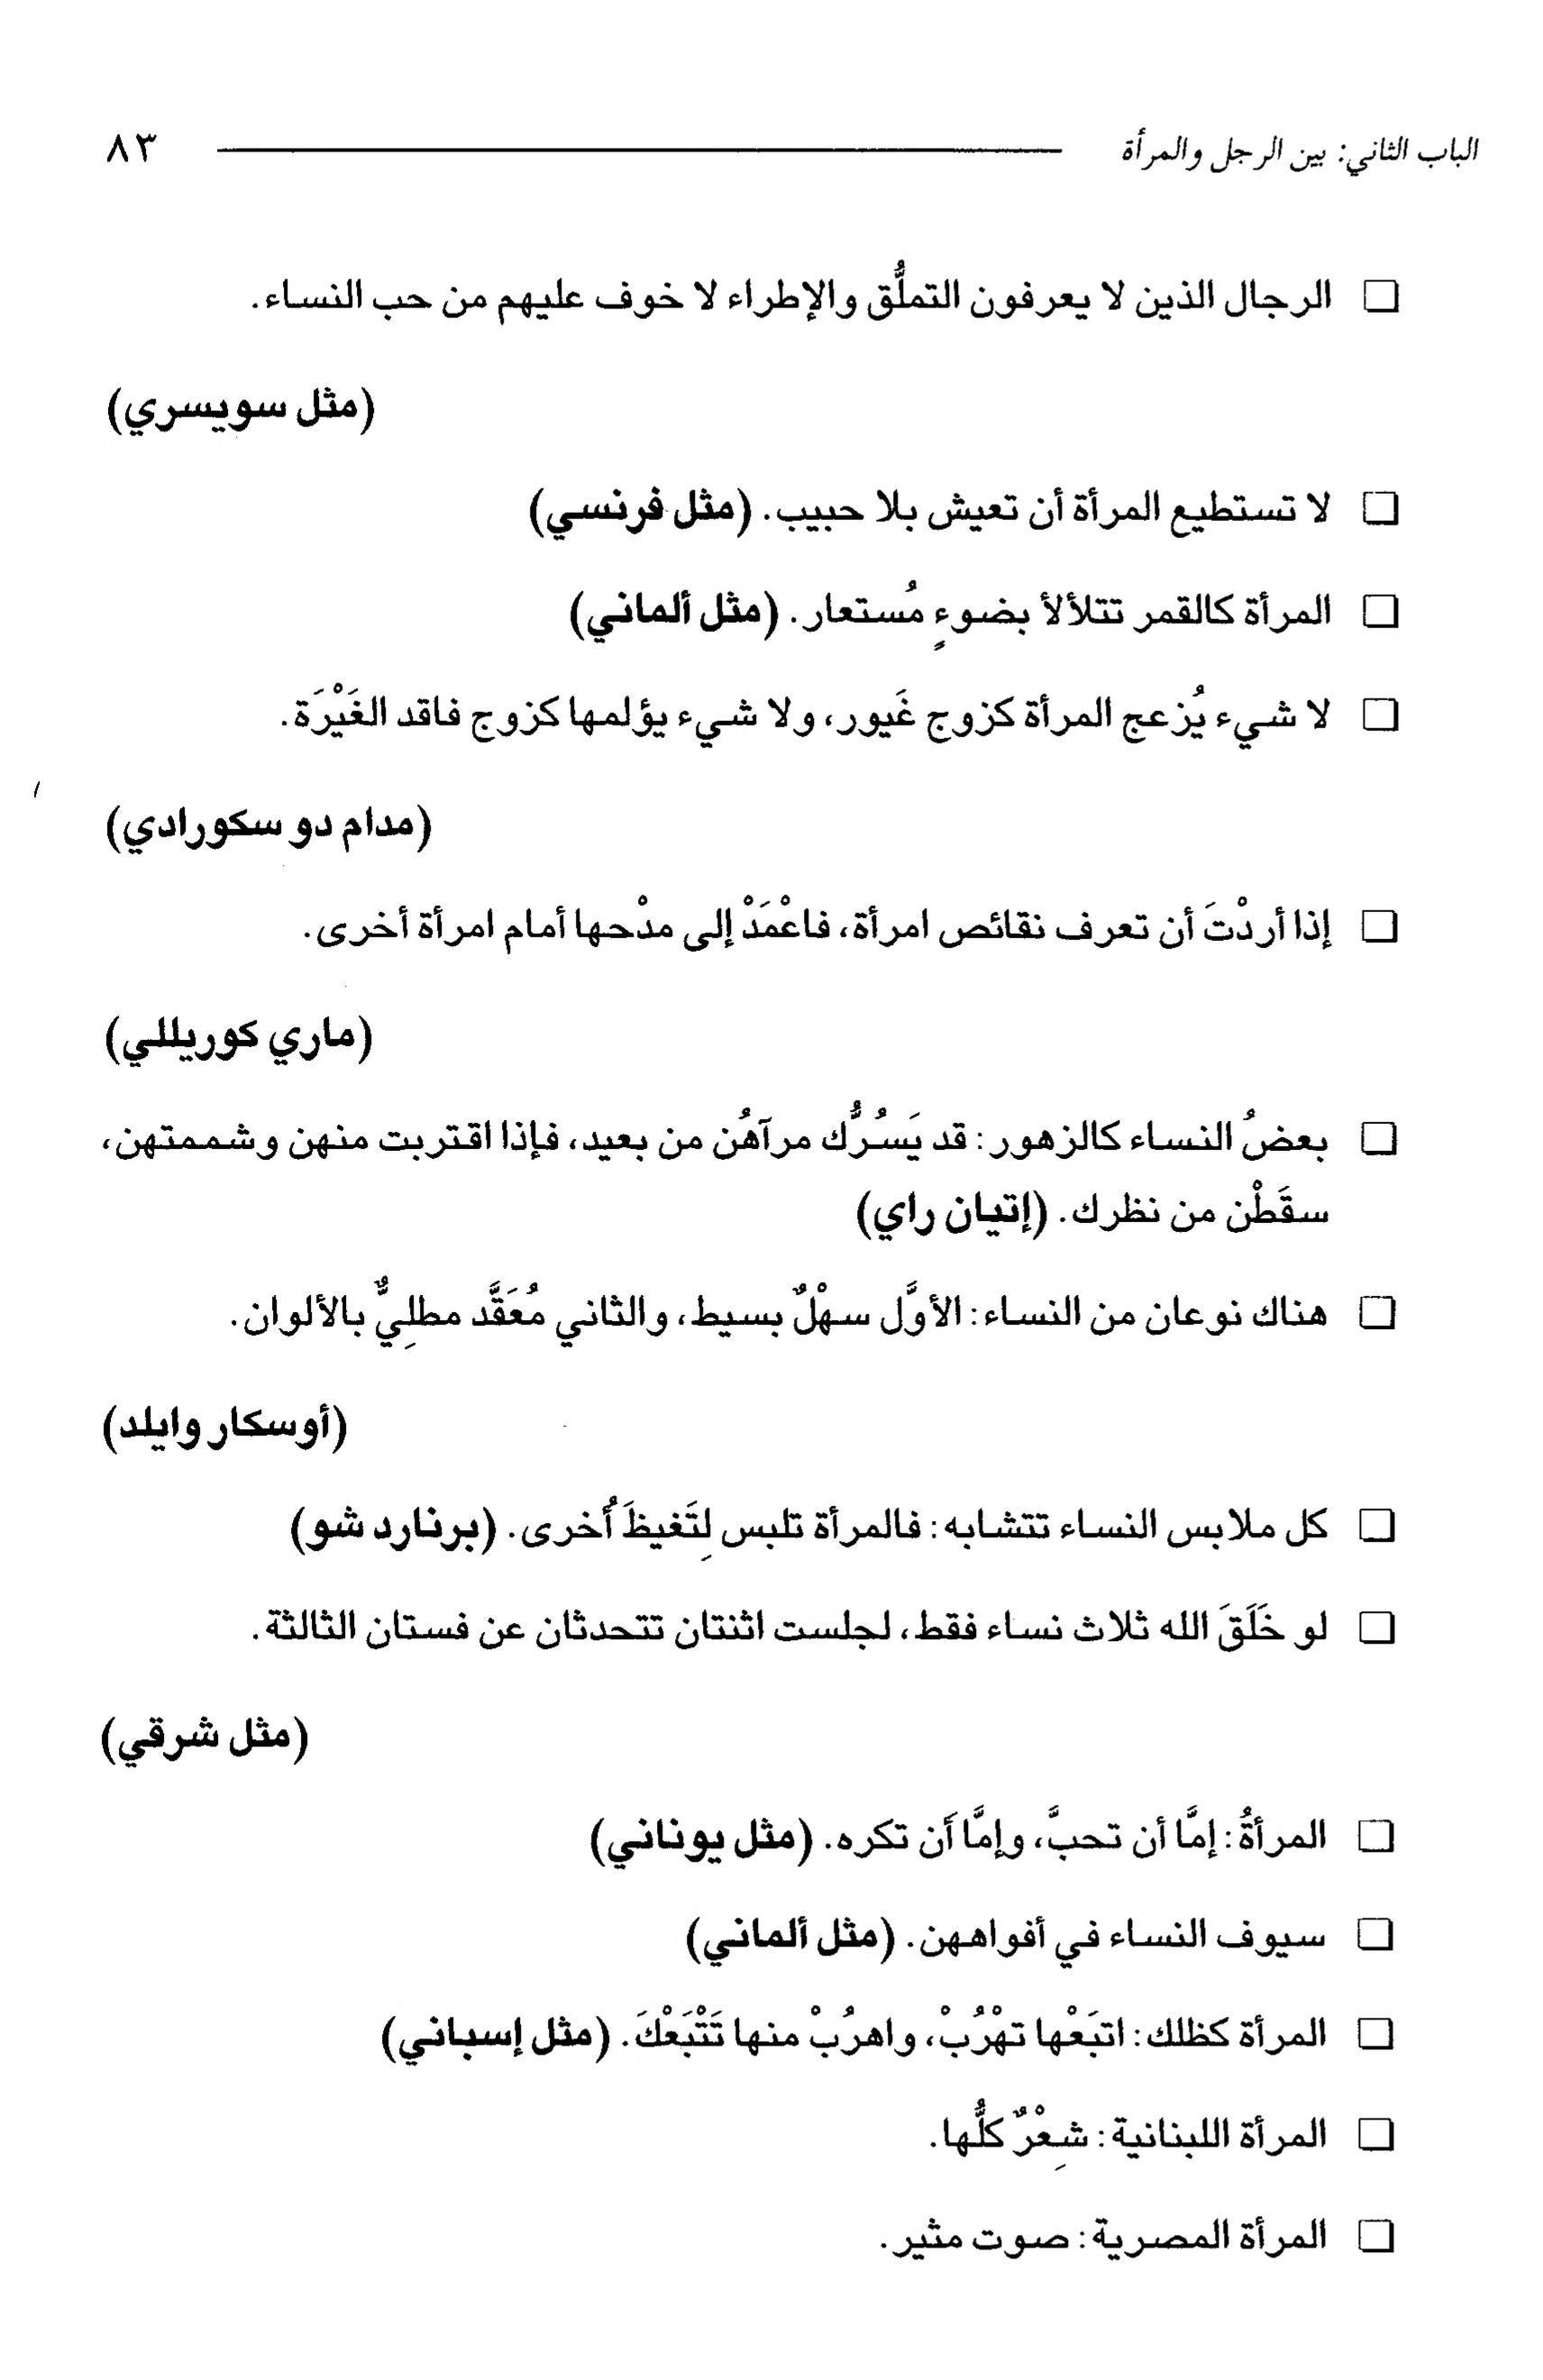 كتب الأمثال والحكم في العصر الجاهلي